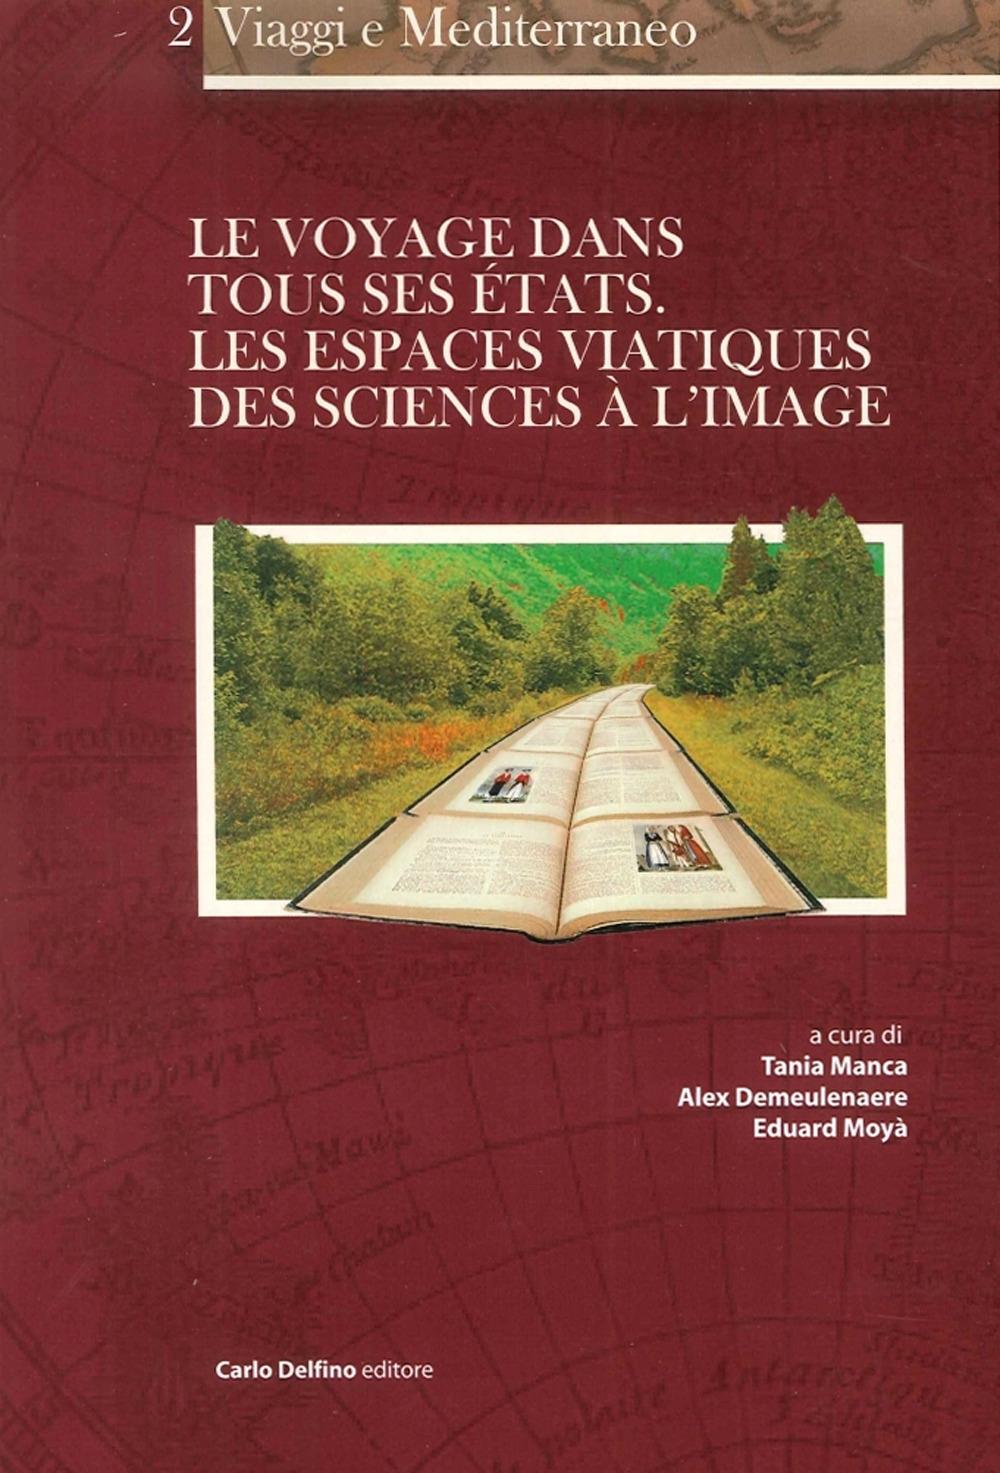 Le Voyage Dans Tous les États. Les Espaces Viatiques des Sciences À l'Image.